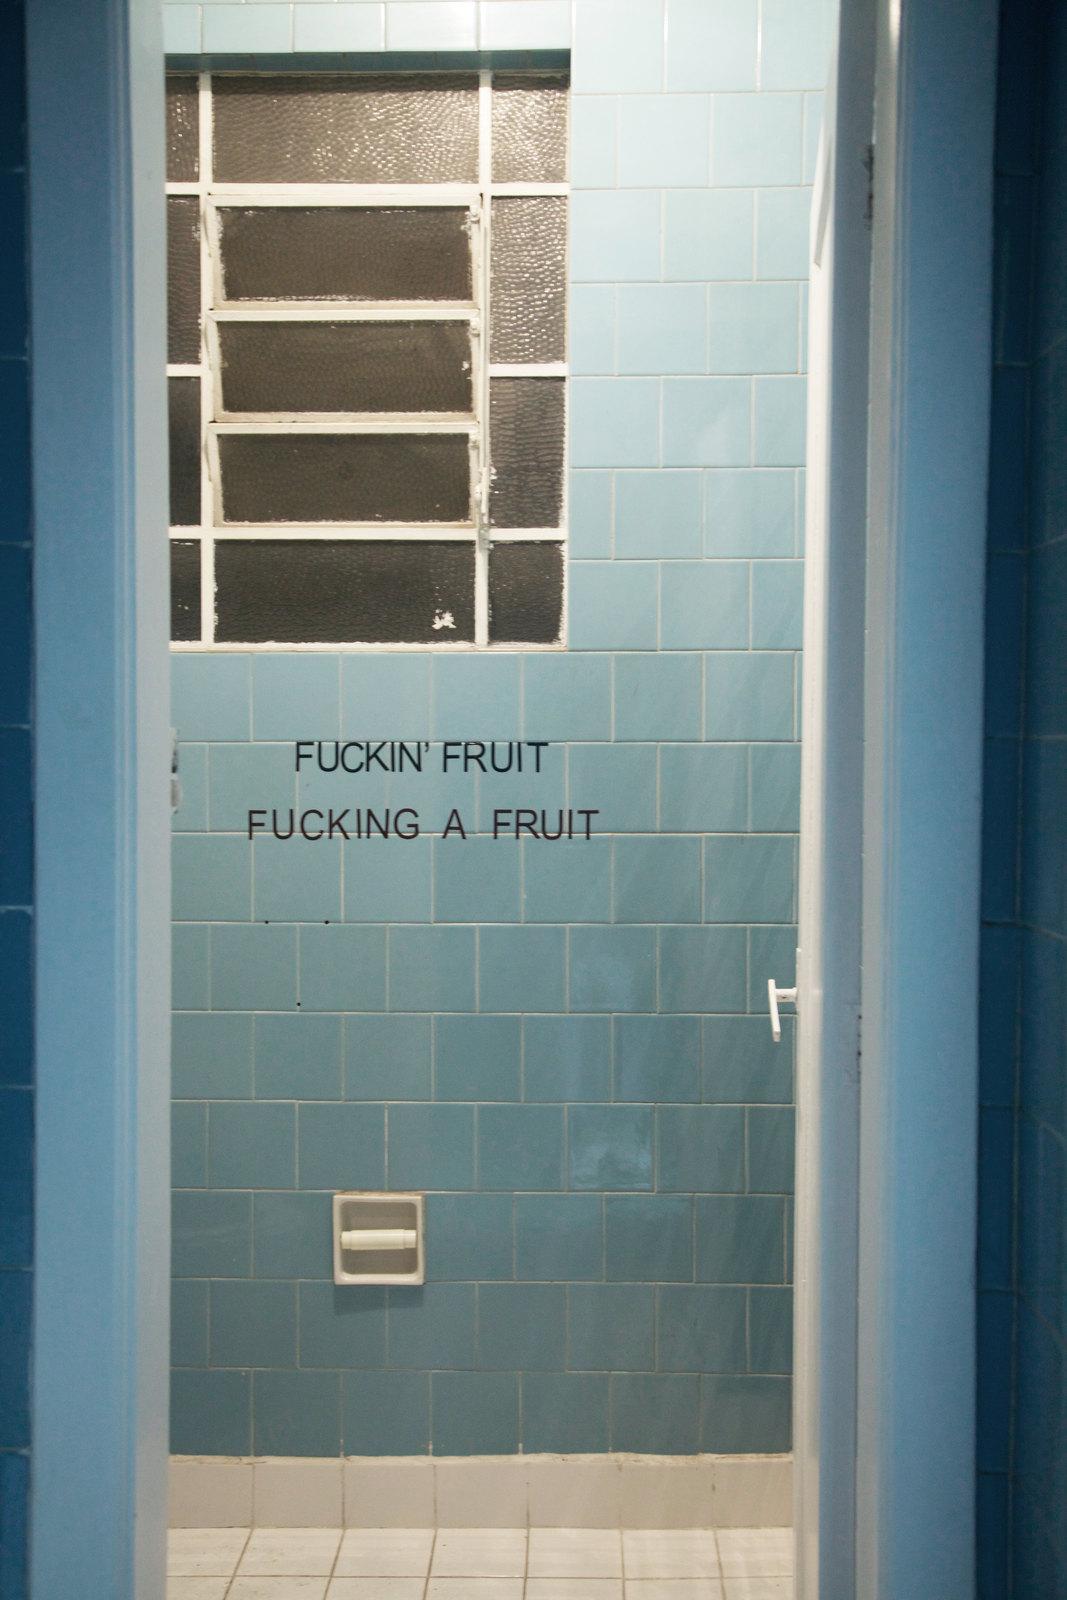 pp17 (Fuckin Fruit Fucking a fruit)